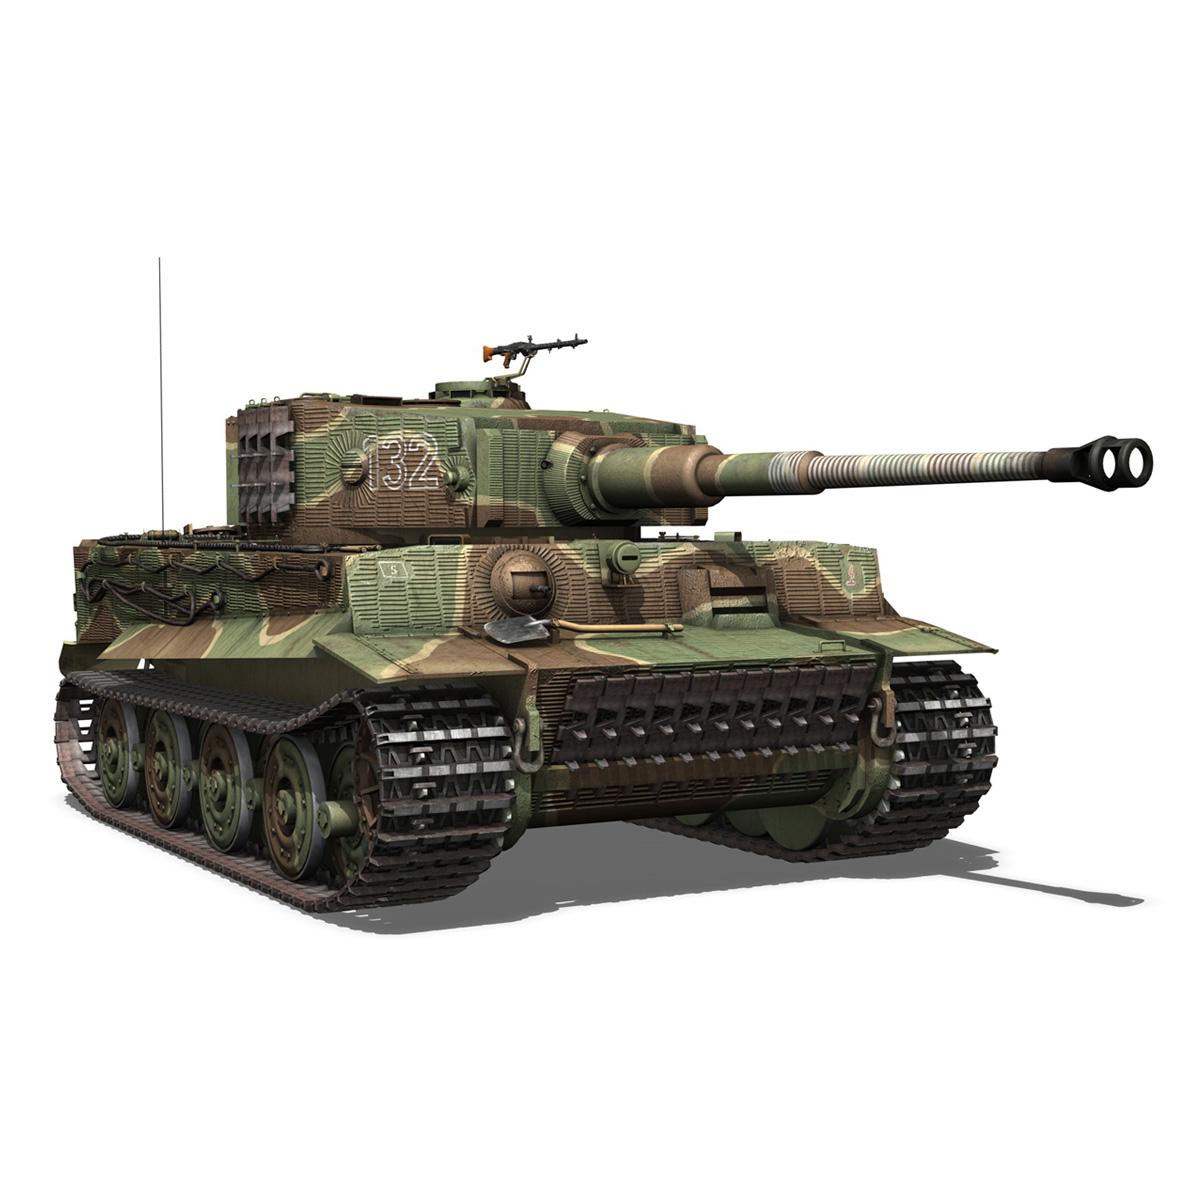 panzer vi – tiger – 132 – late production 3d model 3ds fbx c4d lwo obj 292972